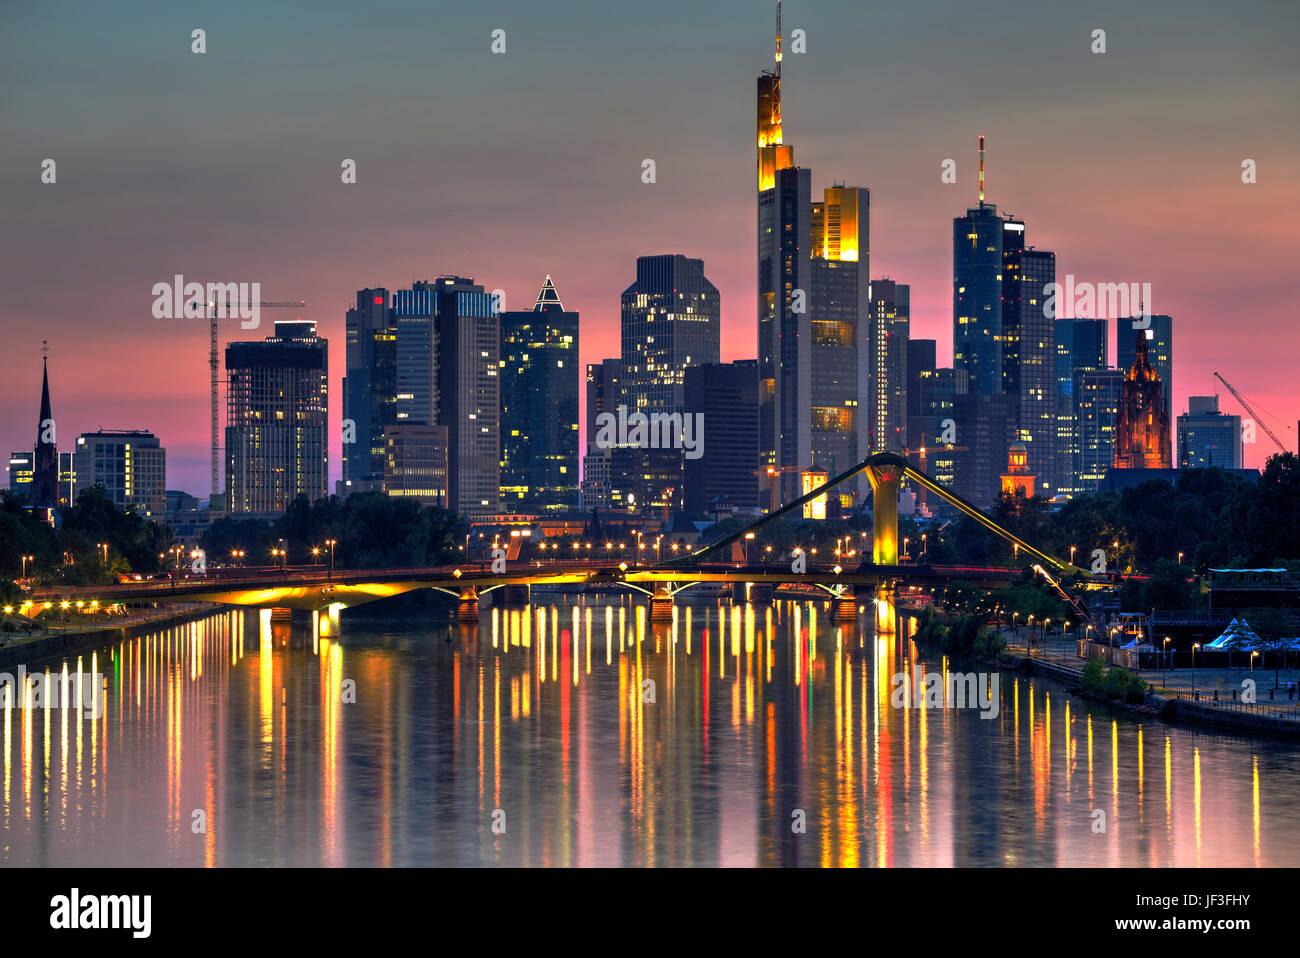 Gratte-ciel de Francfort sur Main River au crépuscule, Allemagne Photo Stock